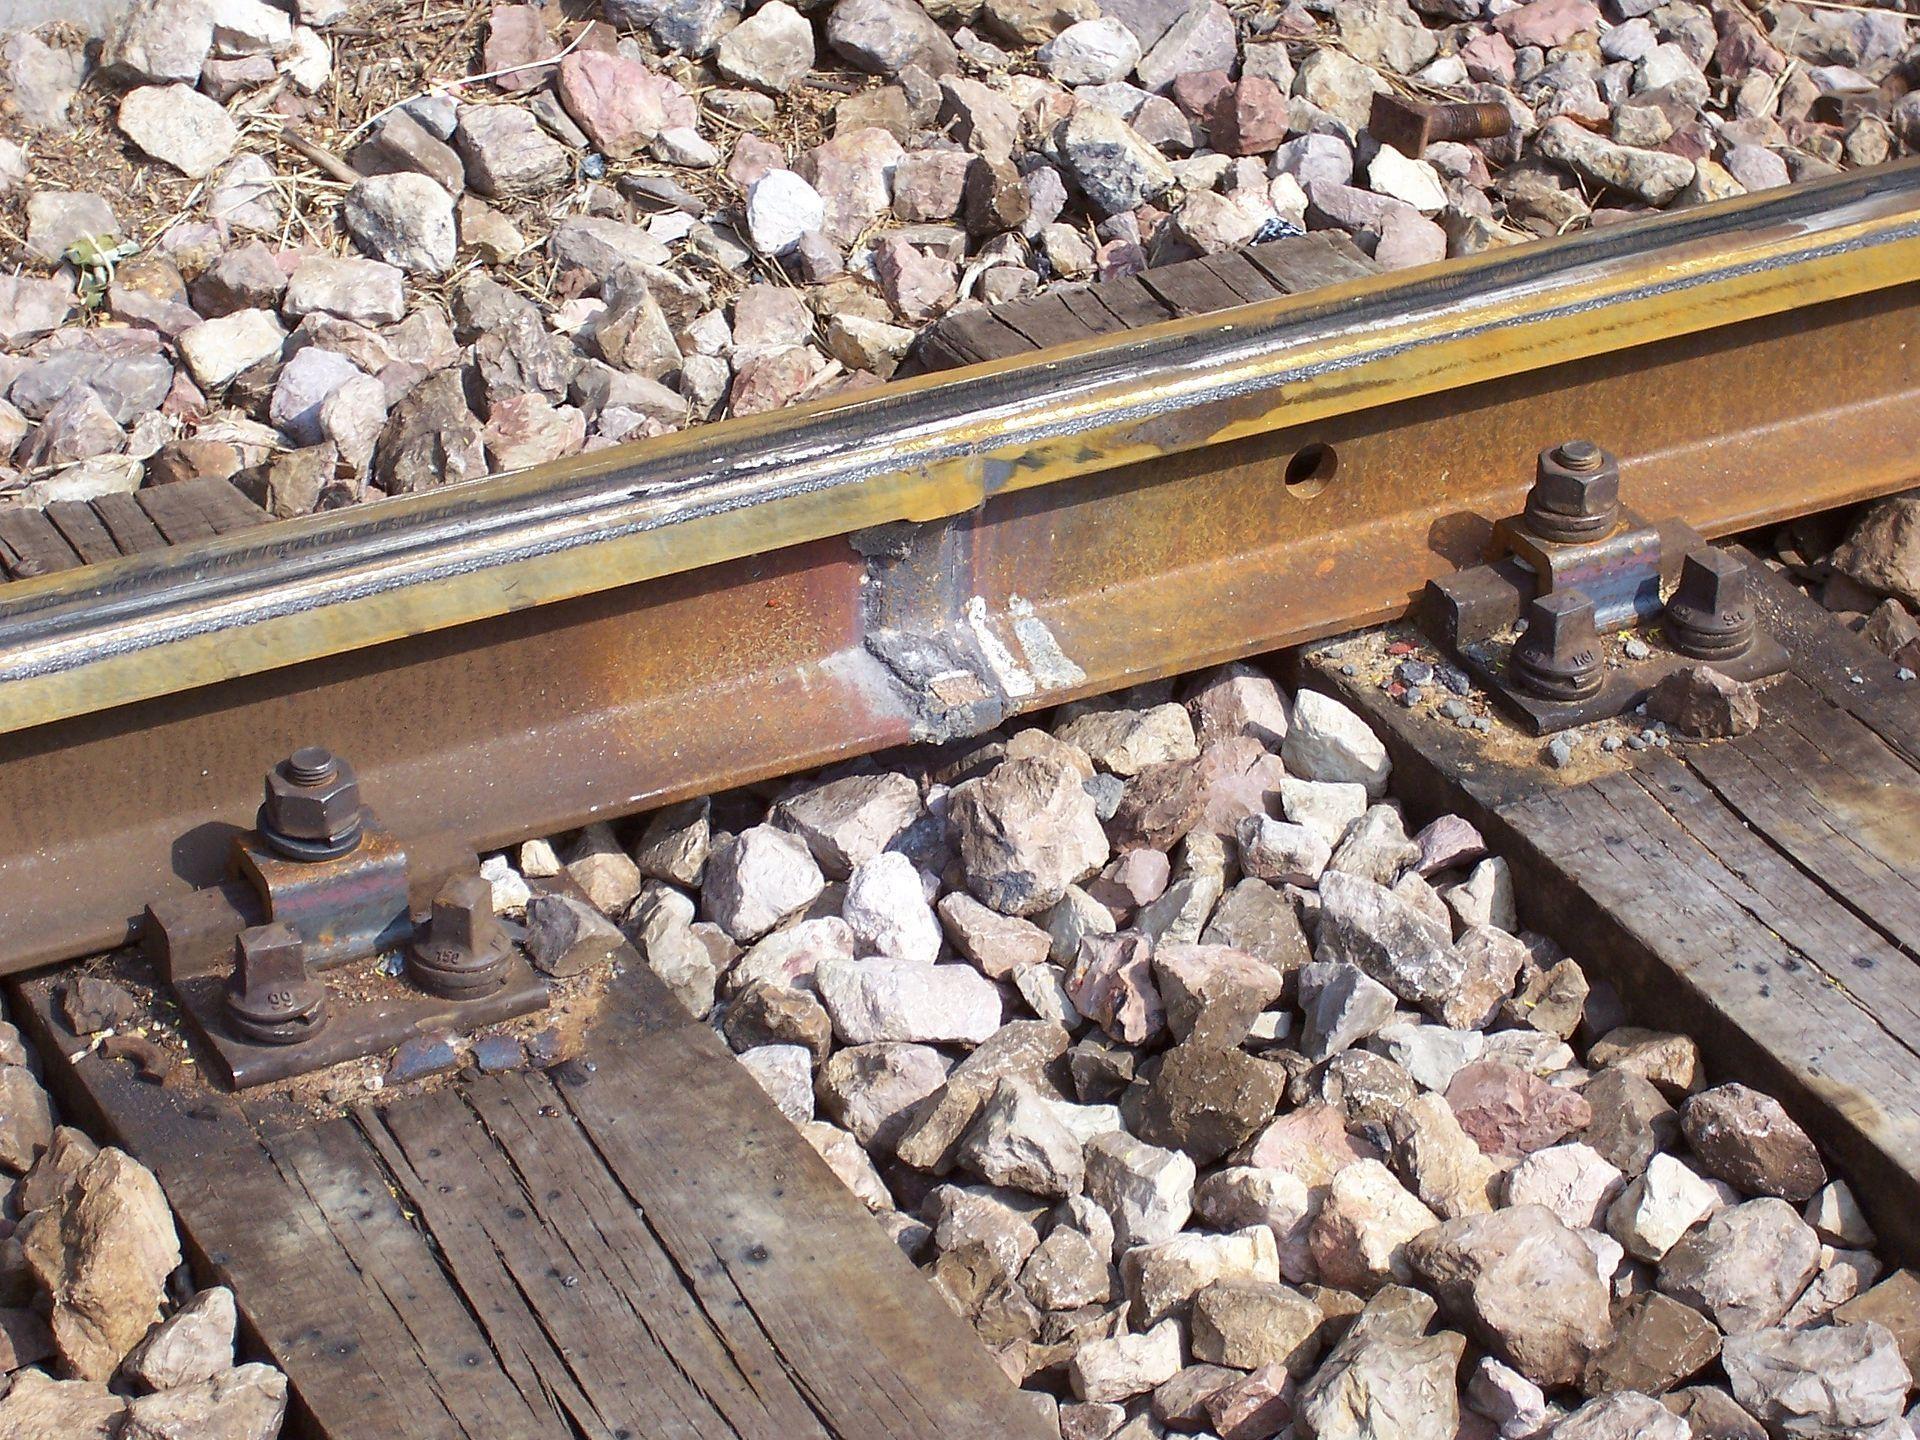 Какими будут железные дороги будущего? - 5